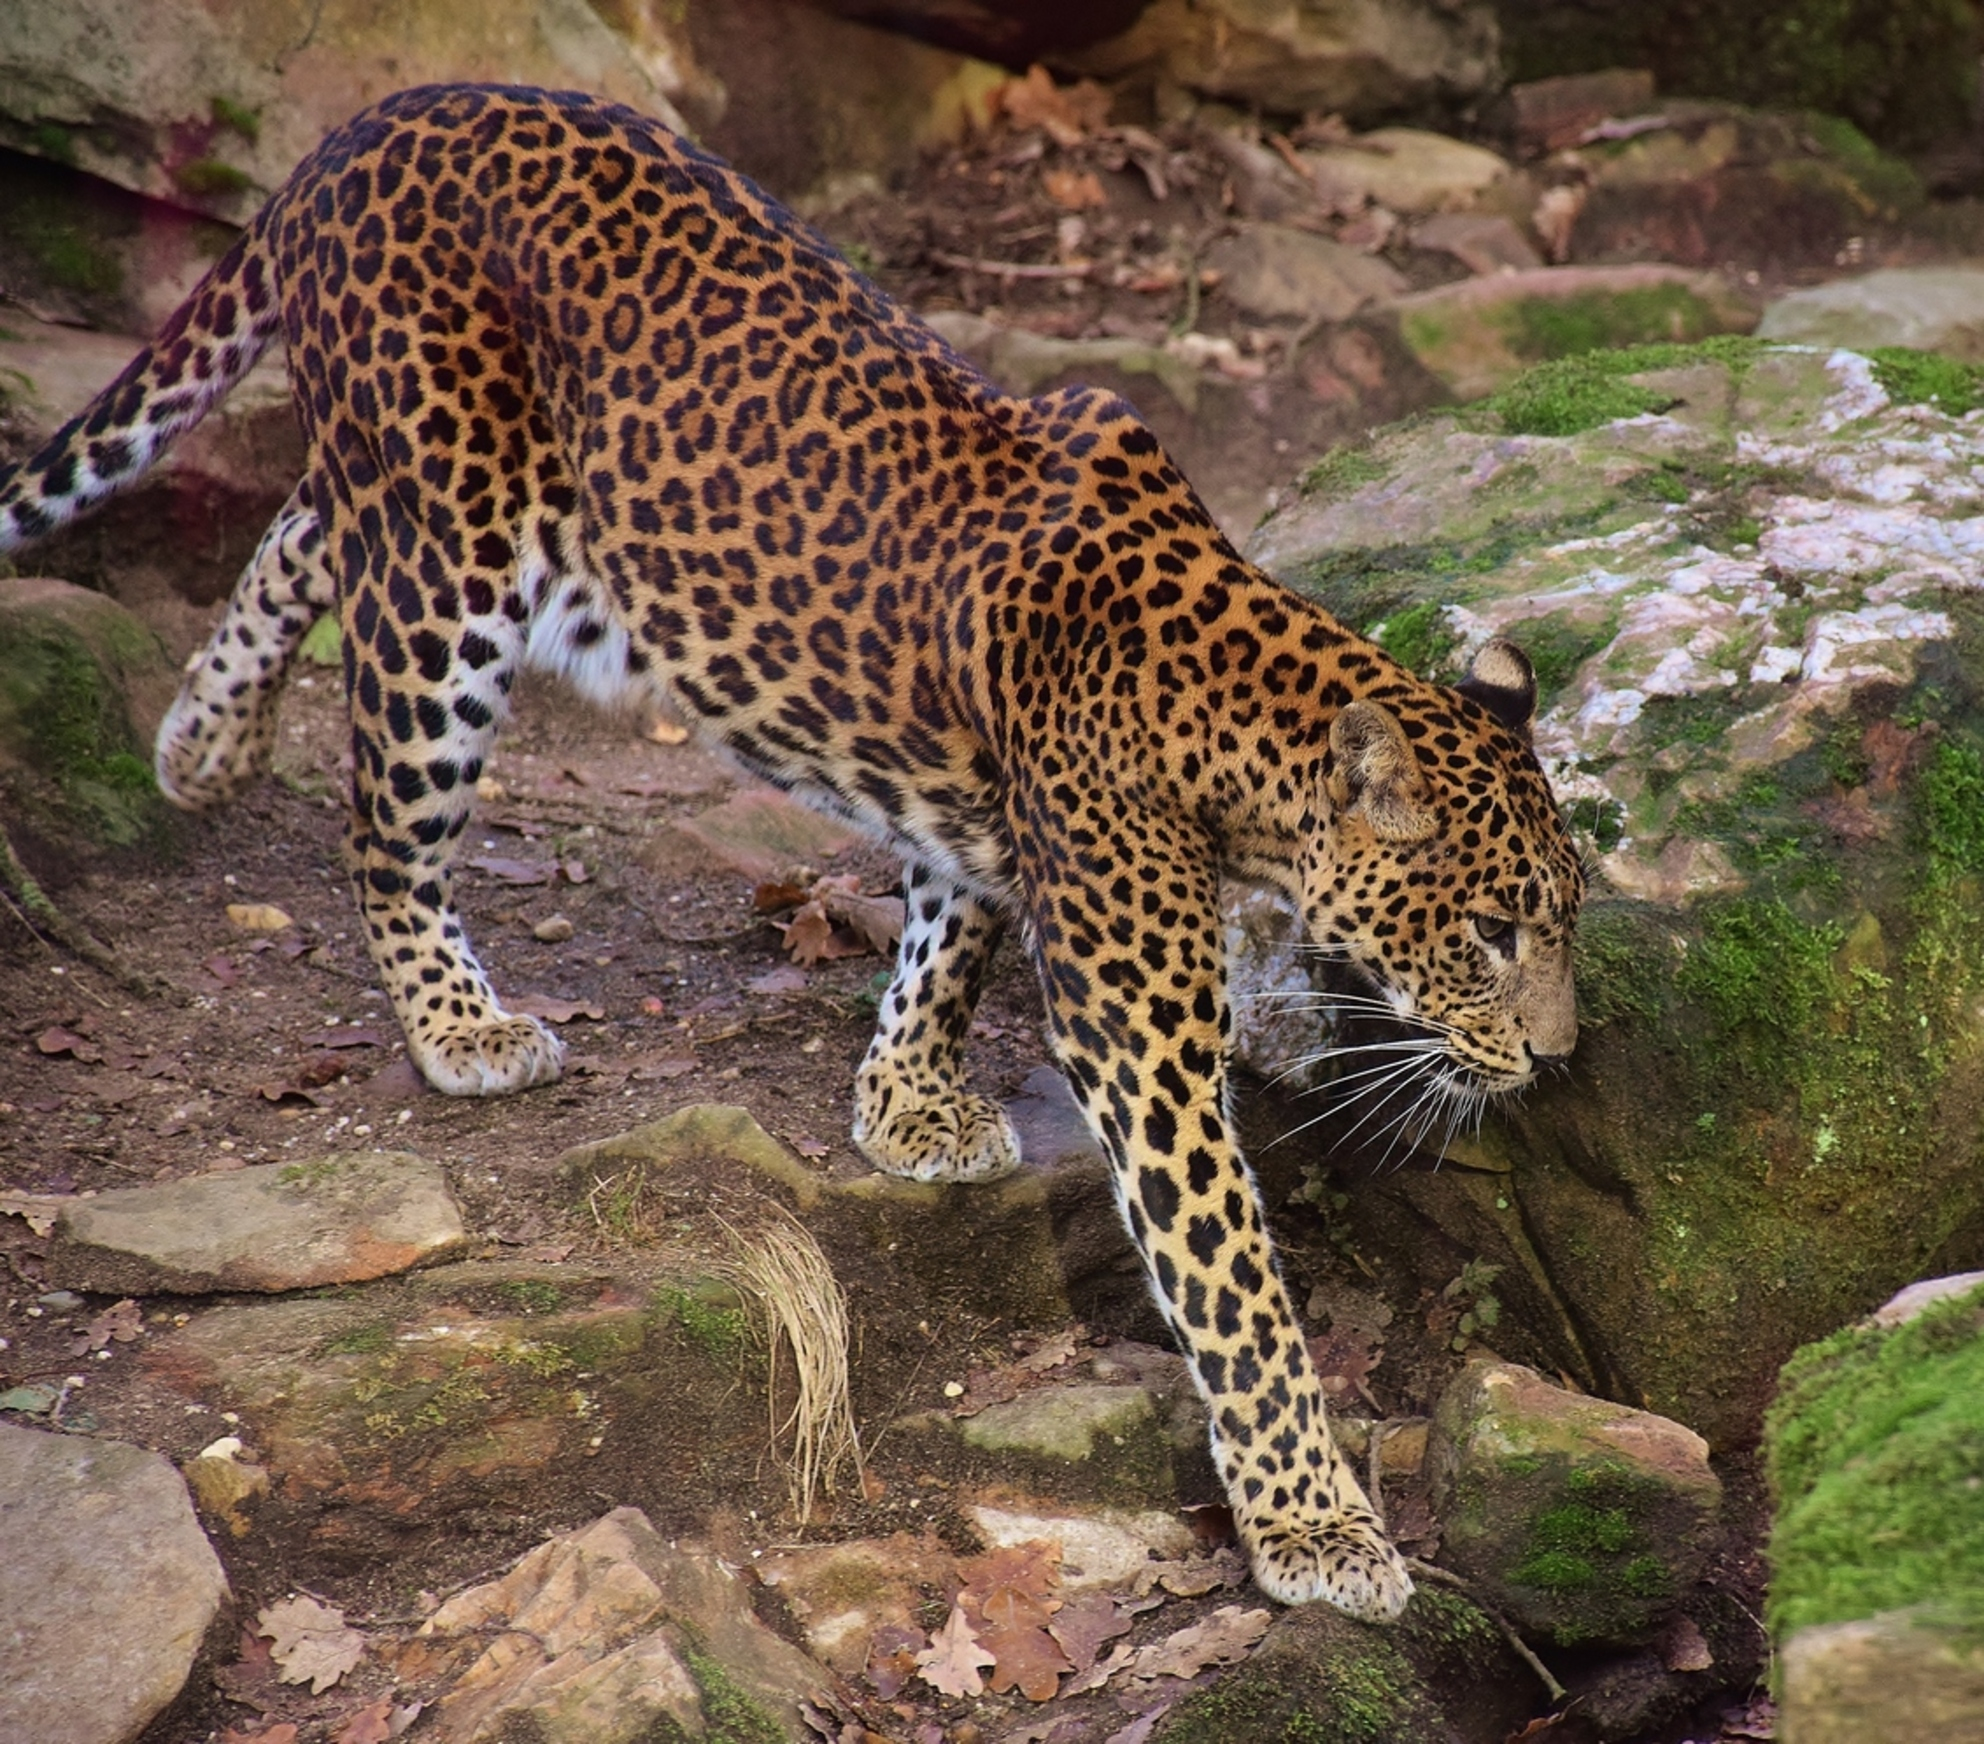 Srilanka Panter - Blikvanger in de dierentuin - foto door 1Herdershond op 26-01-2019 - deze foto bevat: dierentuin, natuur, panter, zoo, katachtigen, roofdieren, wilde dieren, srilanka panter - Deze foto mag gebruikt worden in een Zoom.nl publicatie